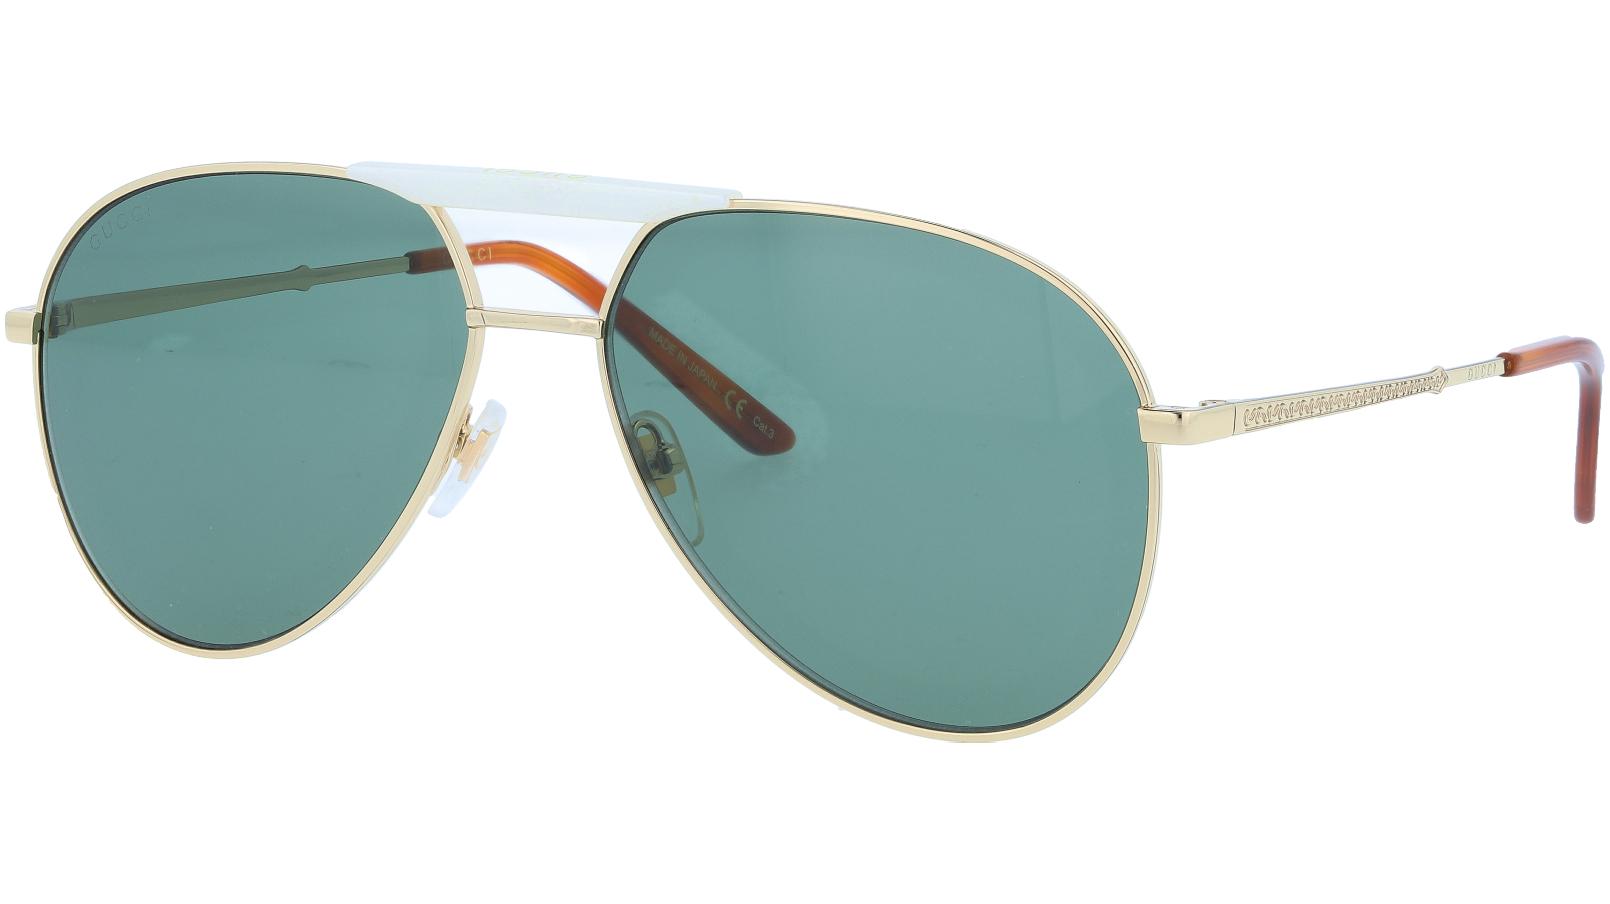 GUCCI GG0242S 003 59 GOLD Sunglasses